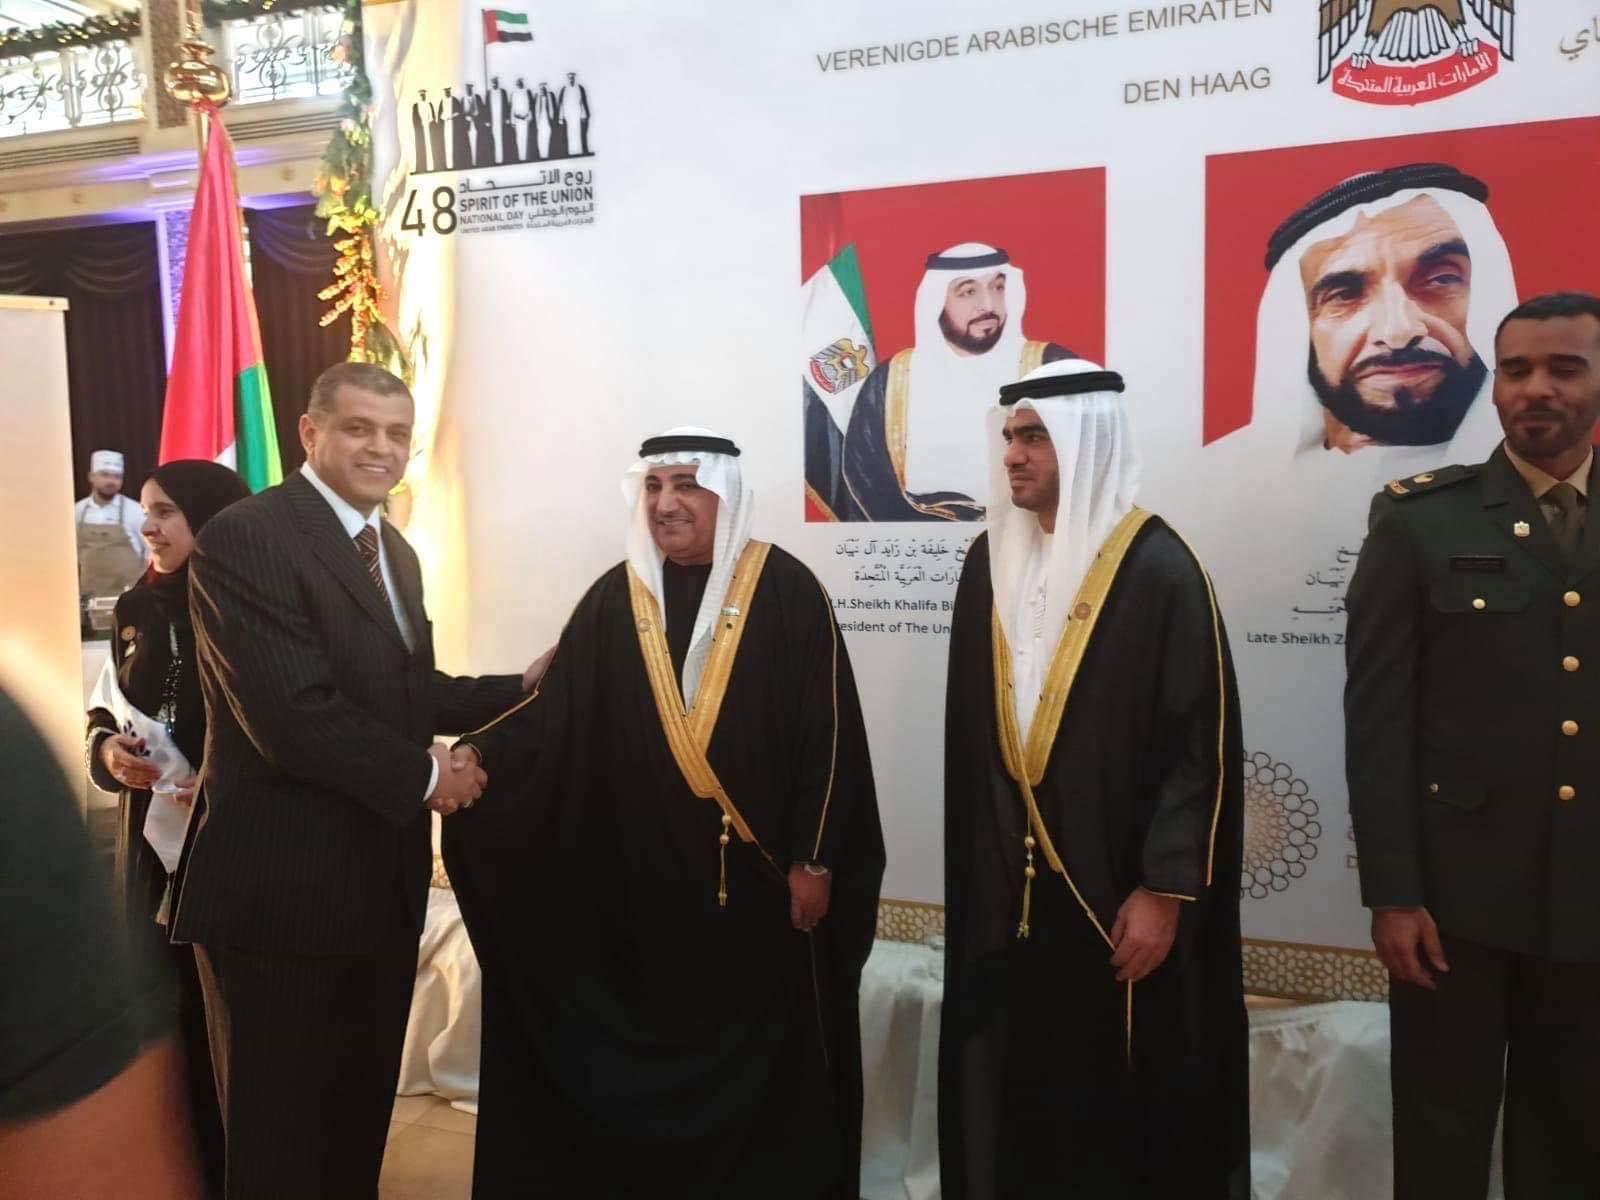 الإحتفال بعيد استقلال الإمارات بسفارتها في هولندا